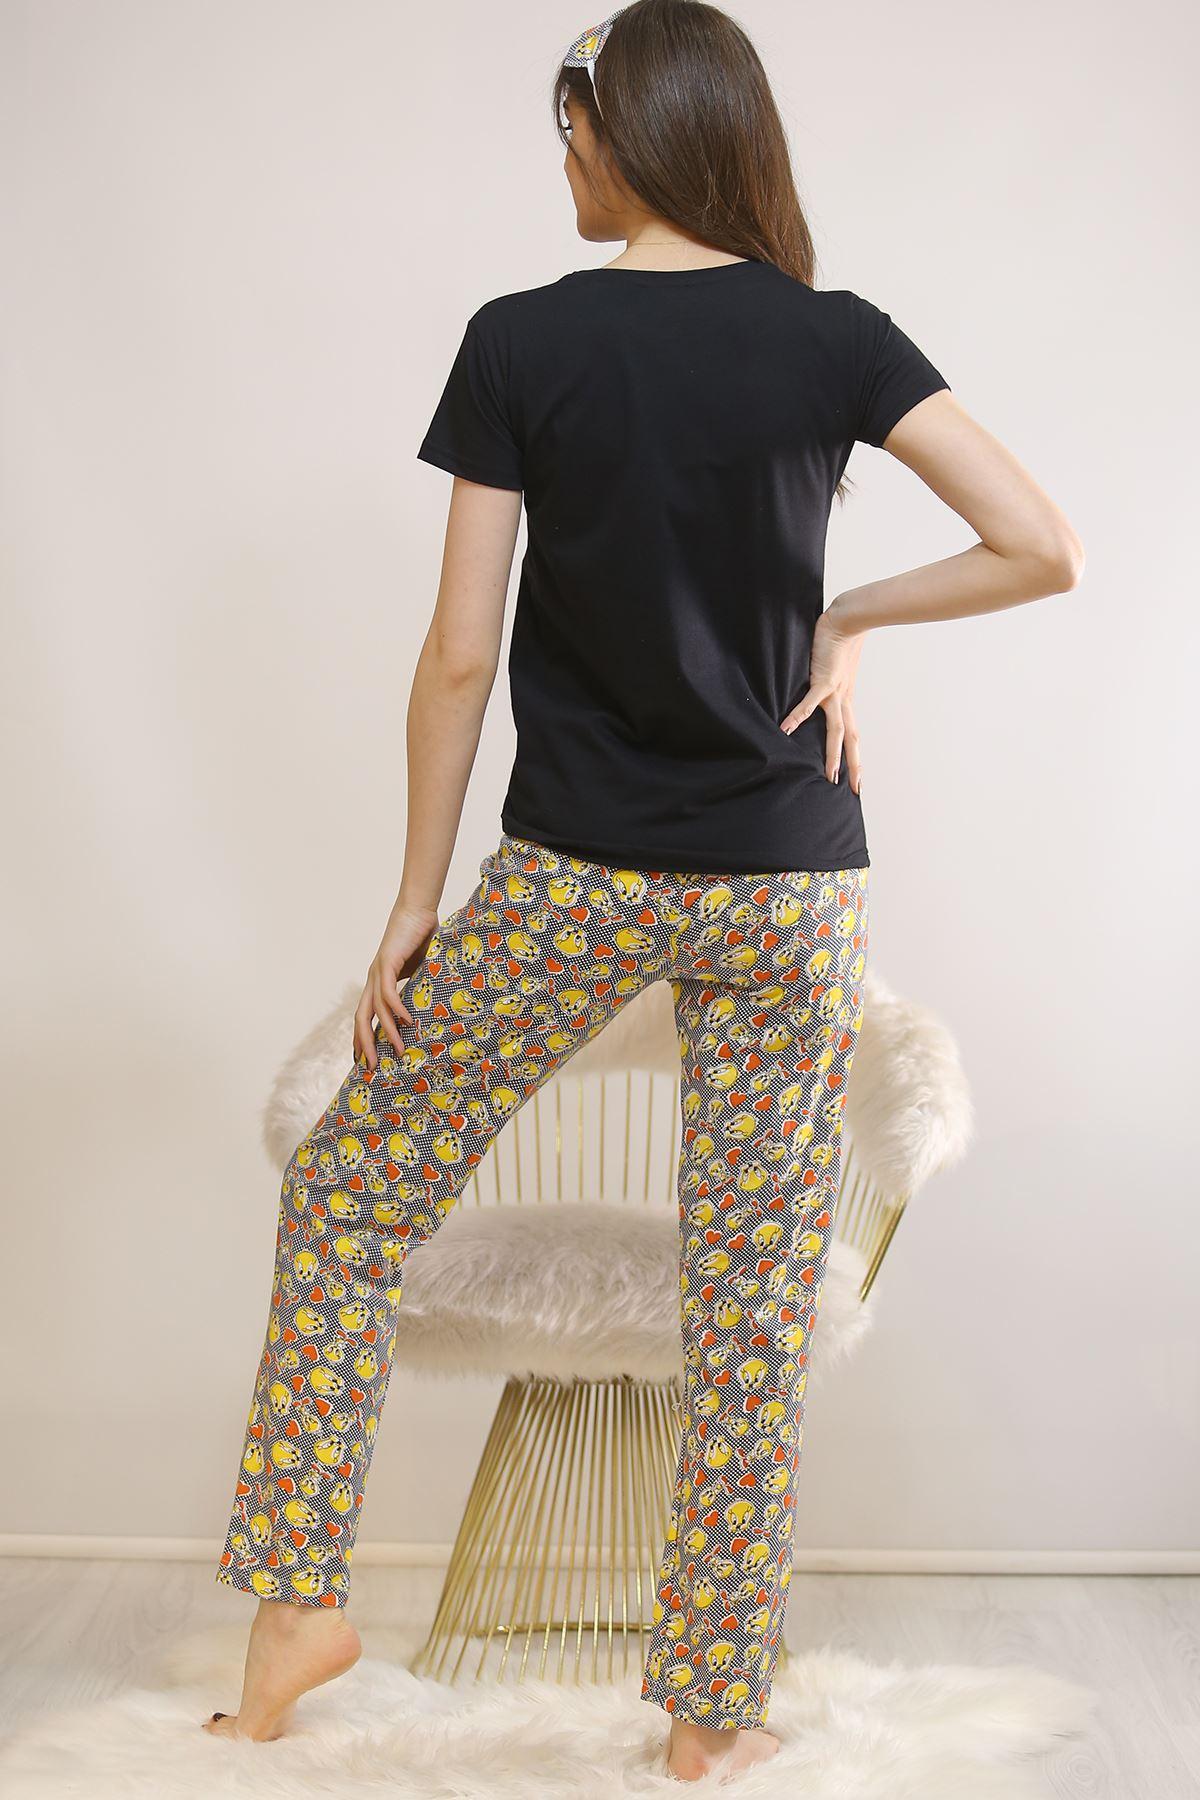 Baskılı Pijama Takımı Siyah - 21827.1059.